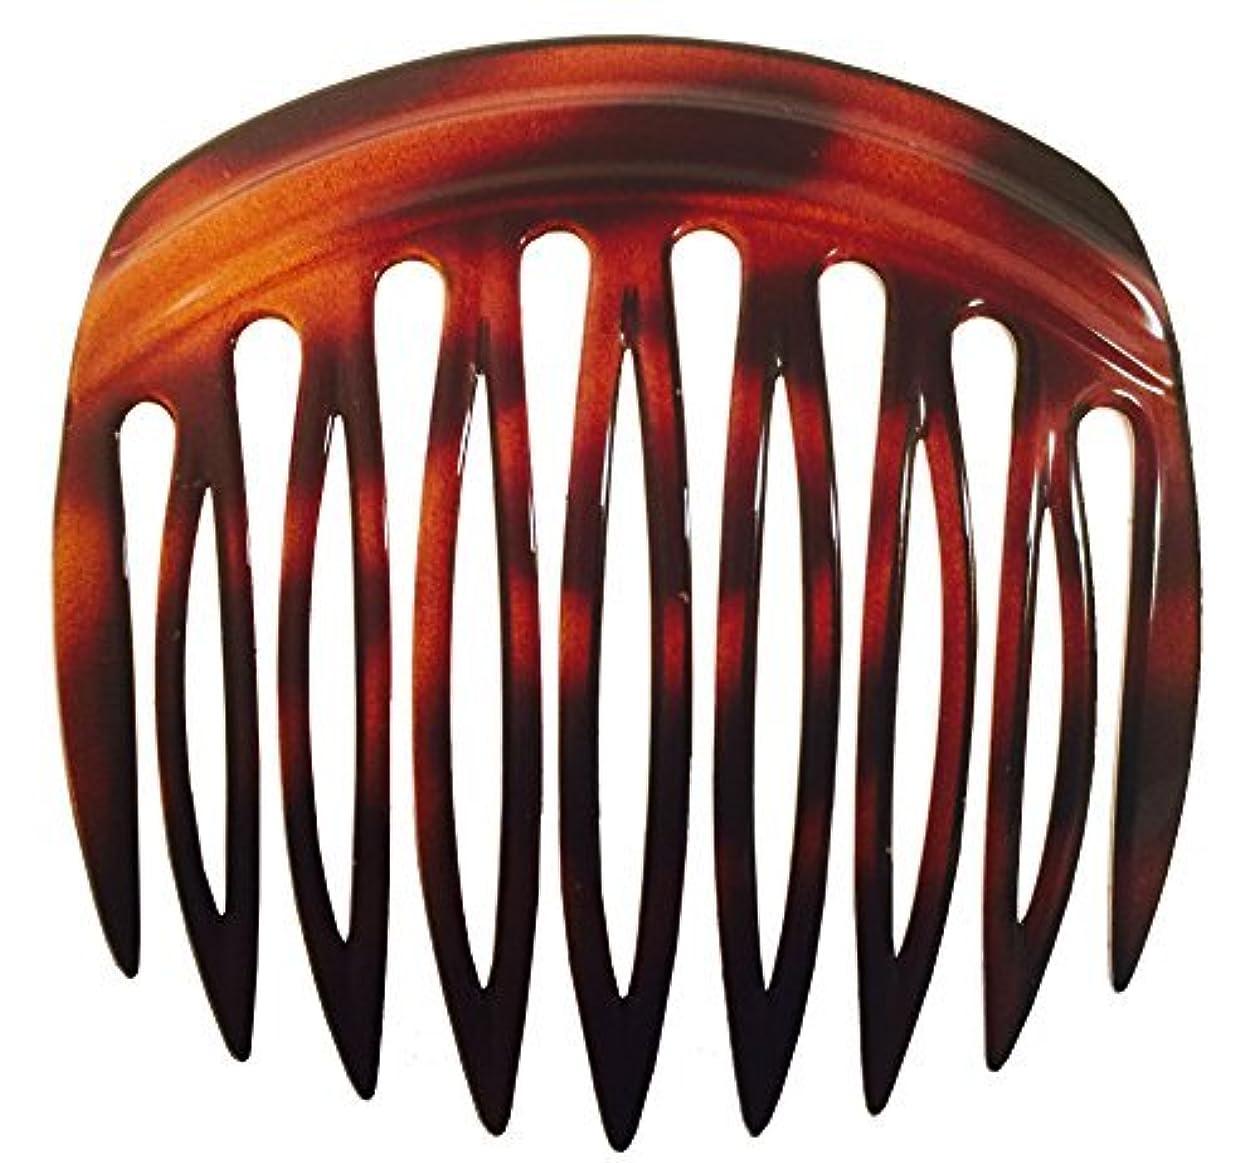 オピエート流行卒業Parcelona French Arch 2 Pieces Celluloid Tortoise Shell 9 Teeth Hair Side Comb Pair [並行輸入品]